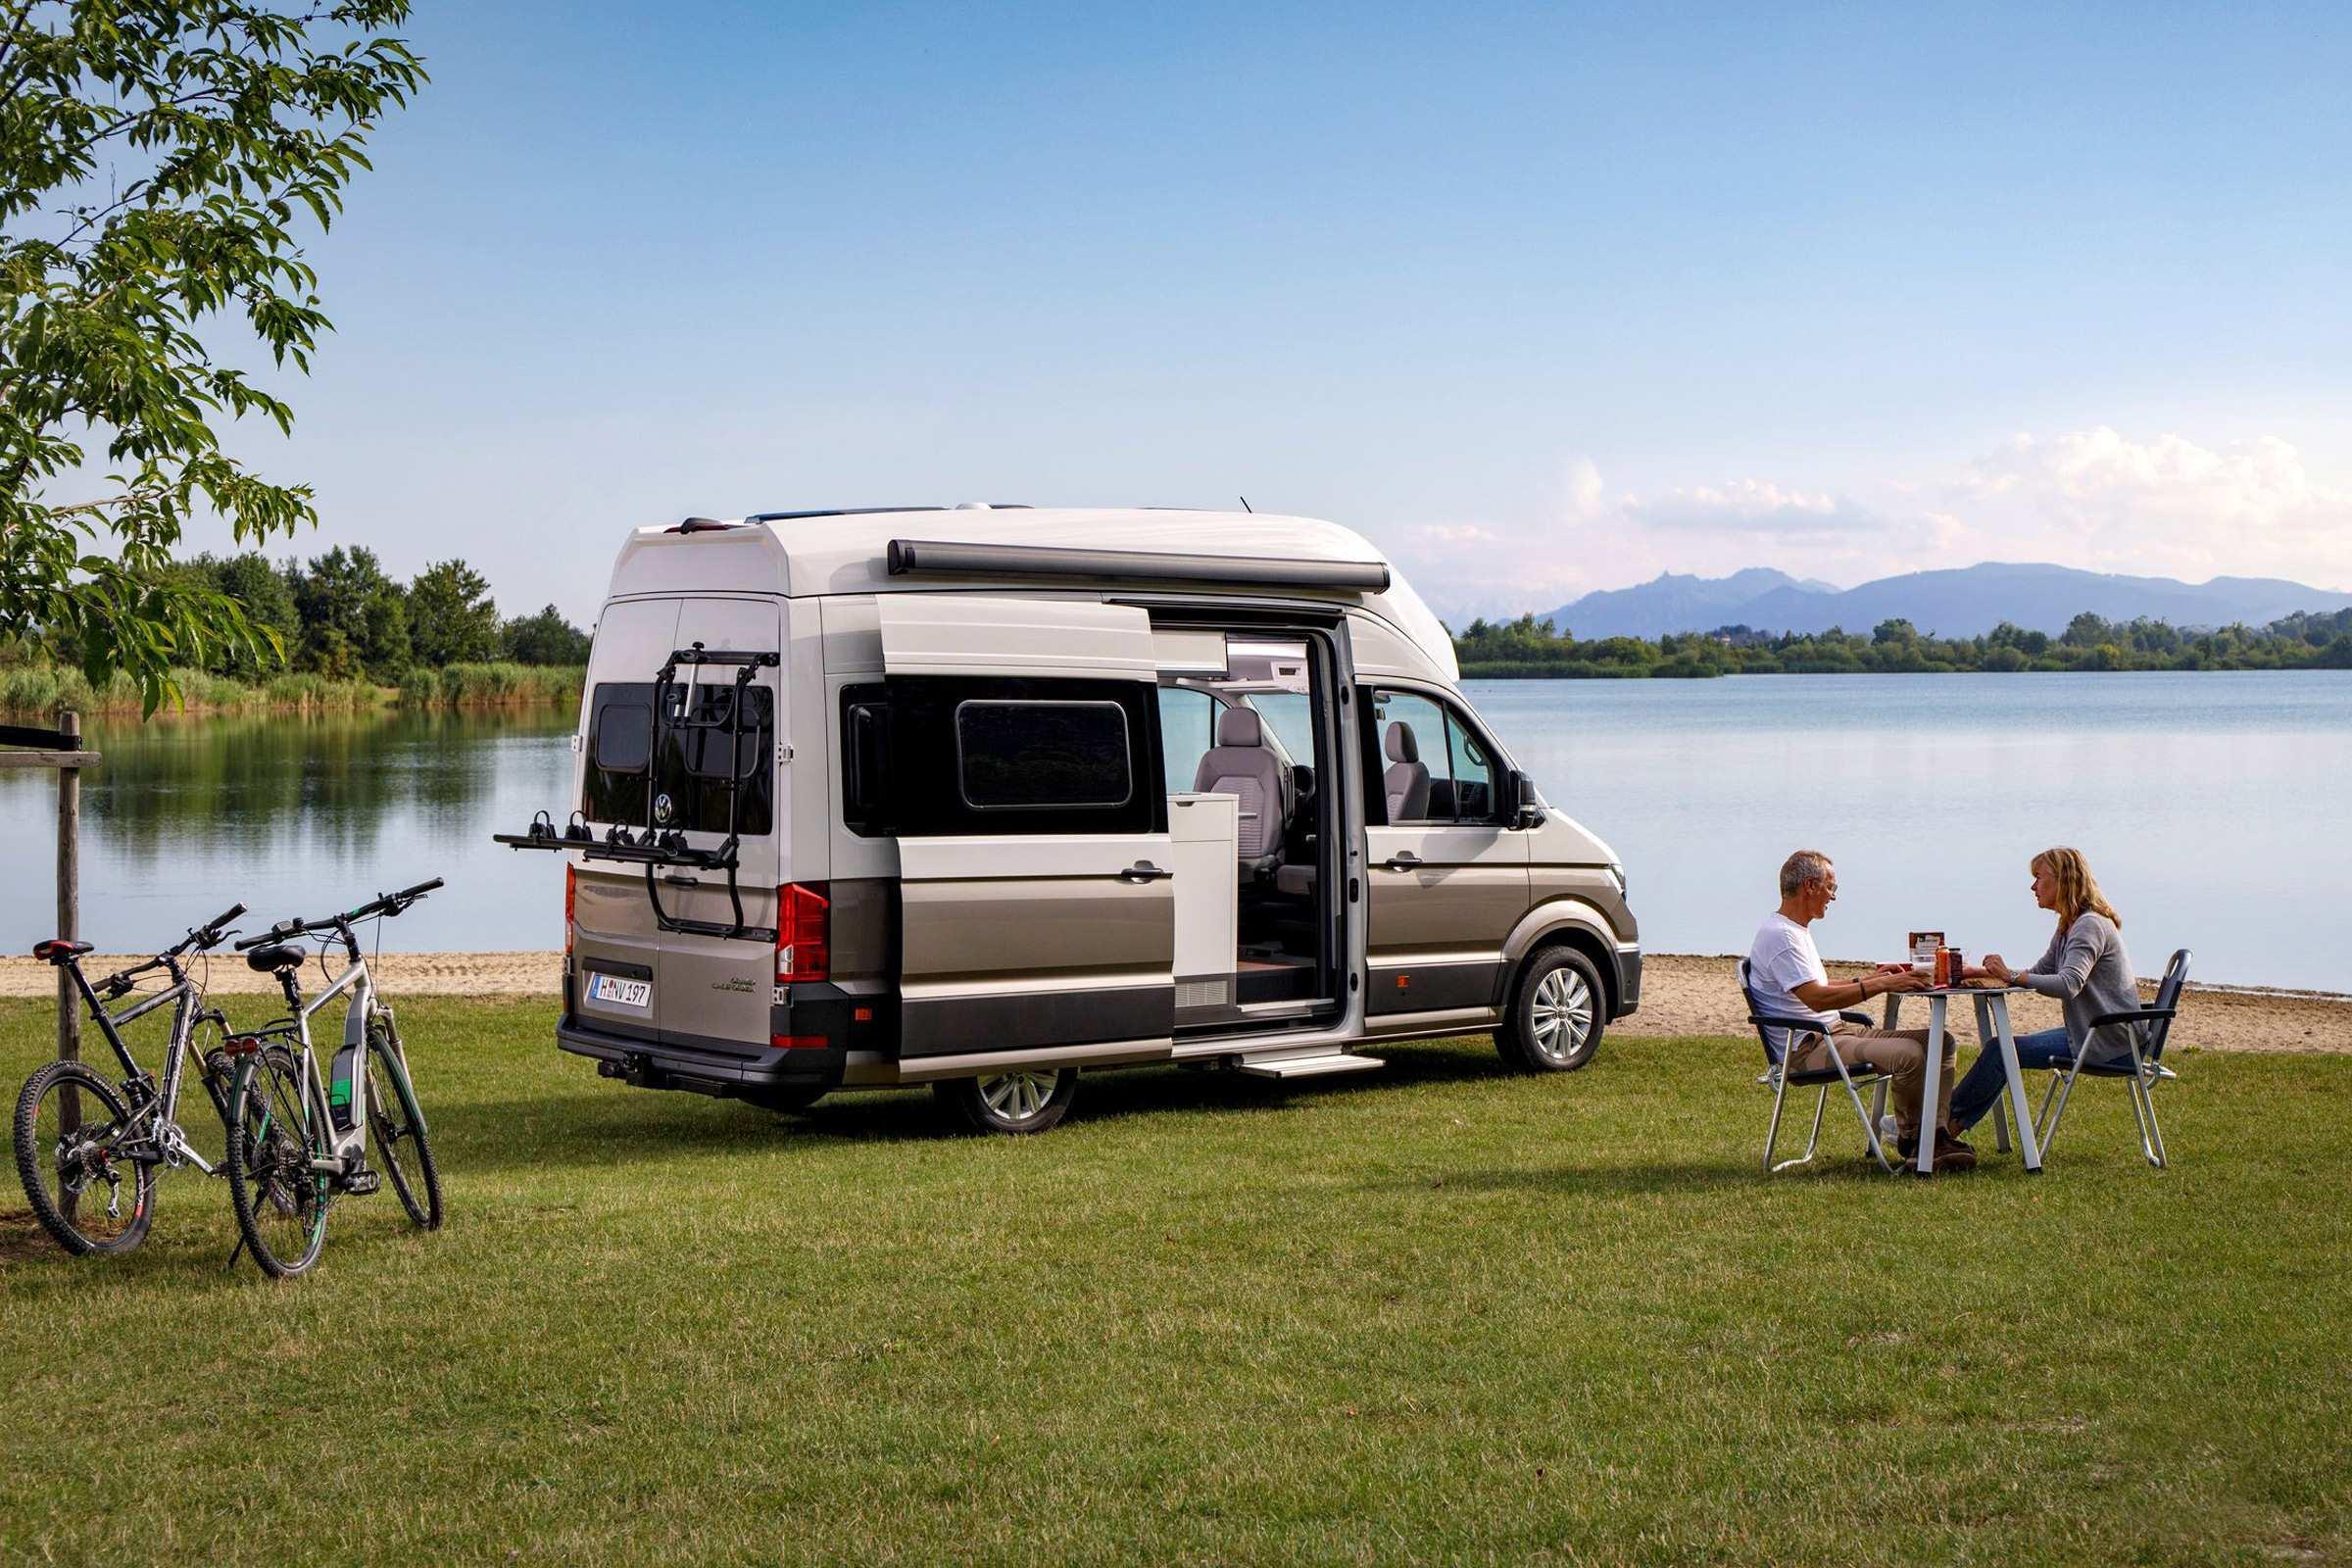 14 New 2019 Volkswagen Van Engine by 2019 Volkswagen Van